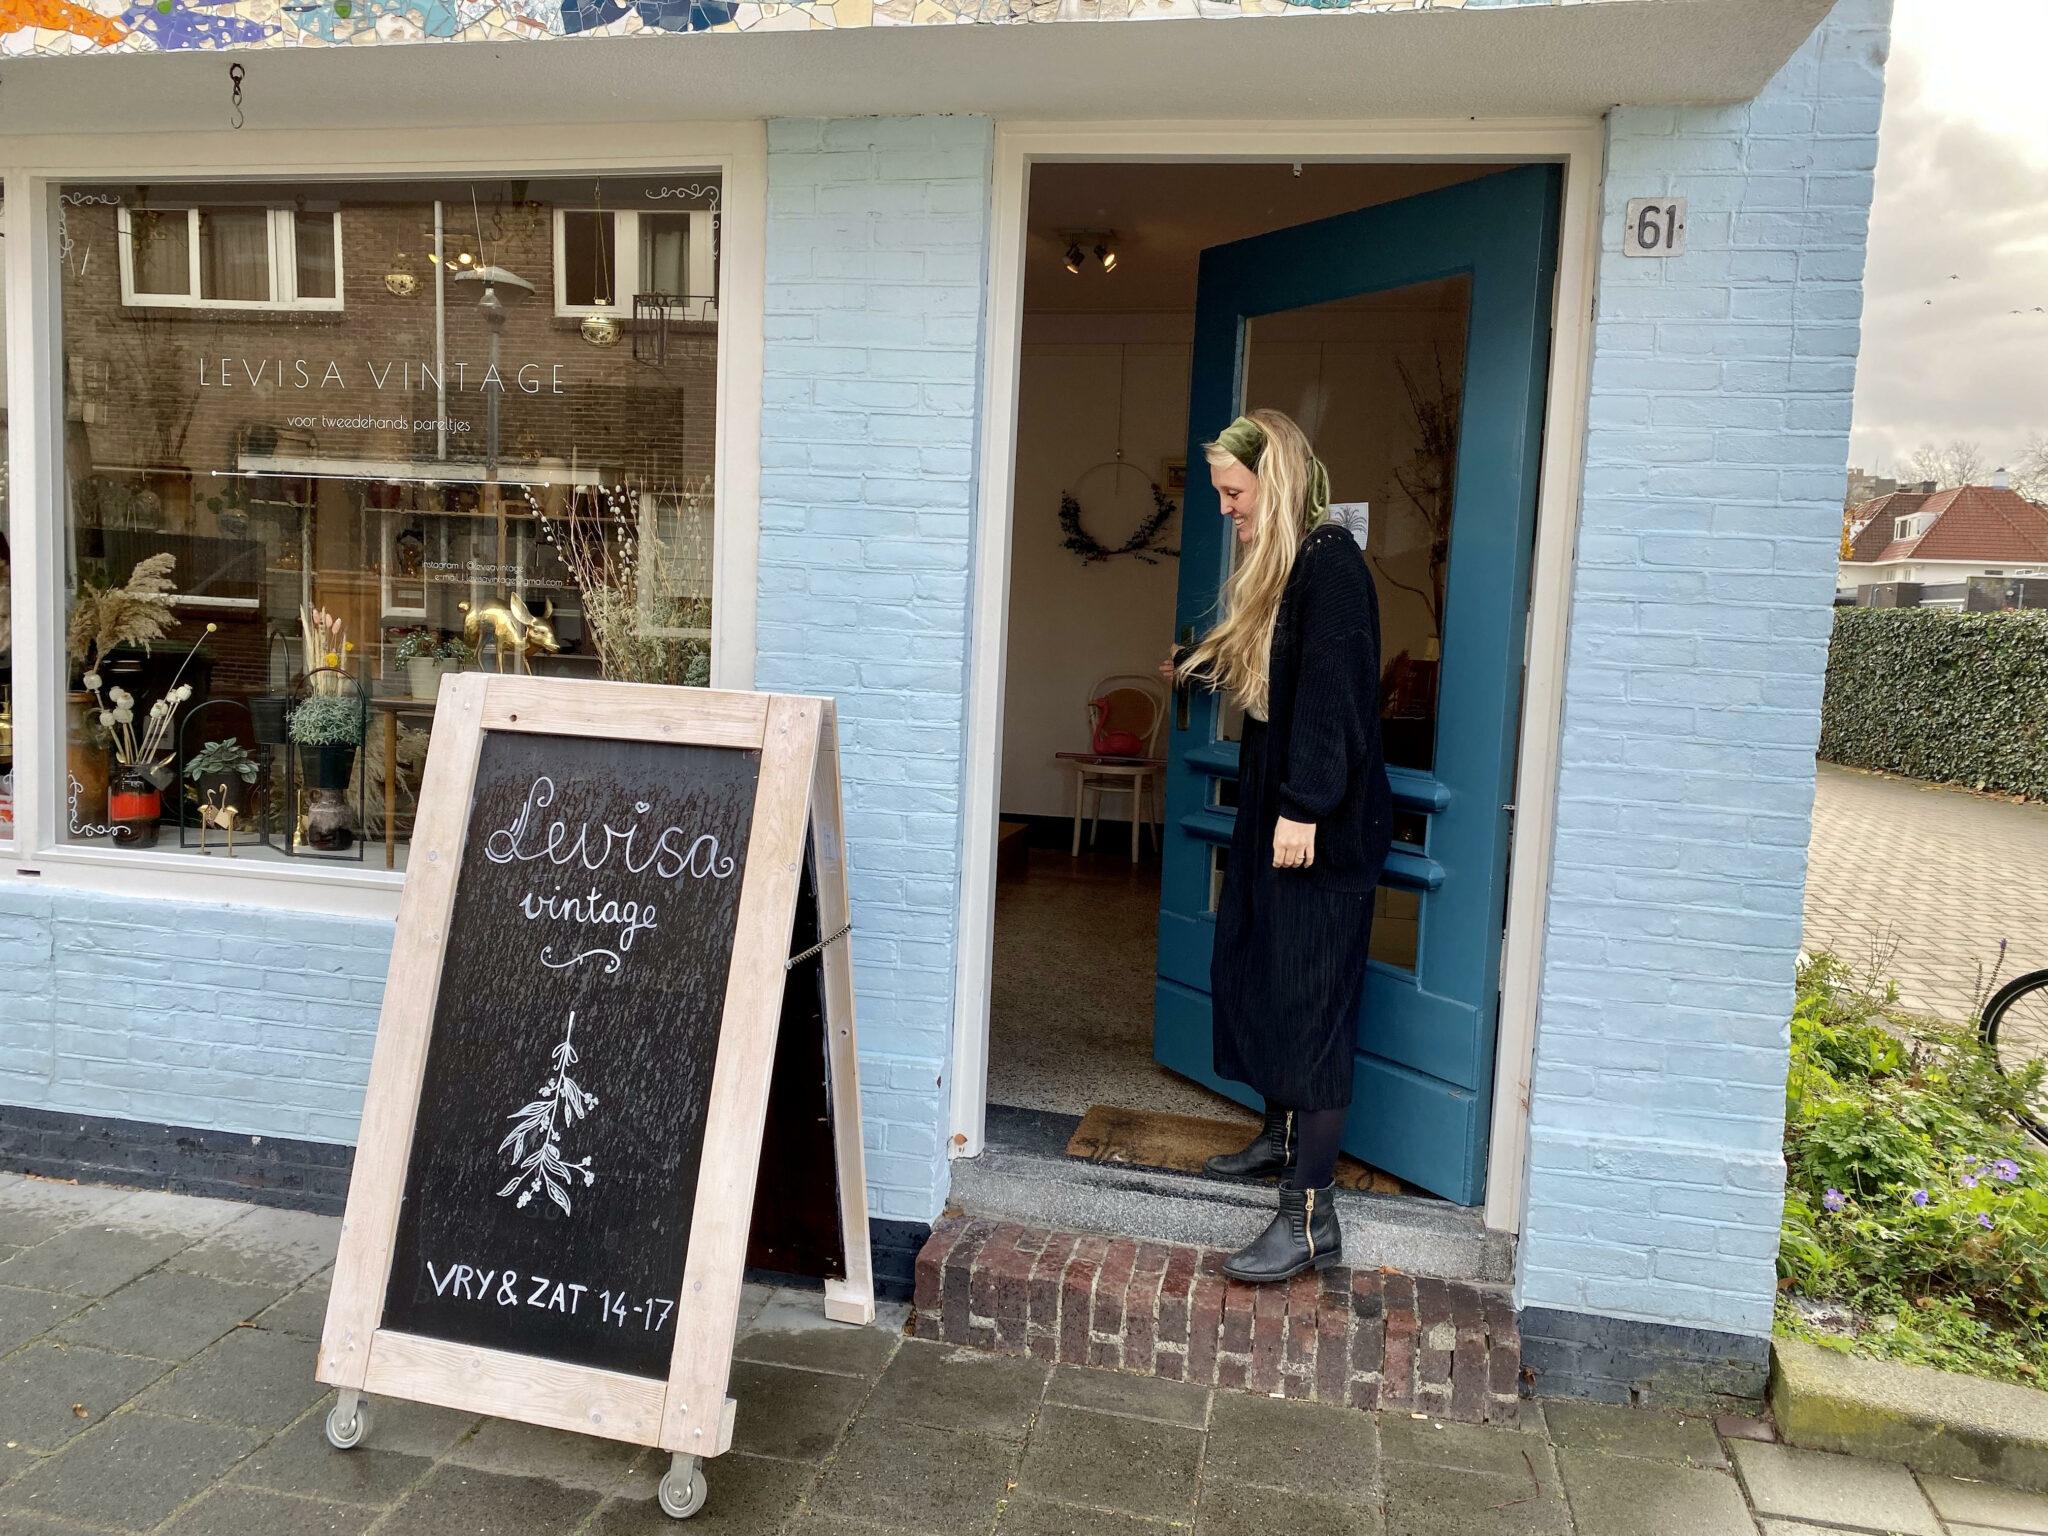 Levisa Vintage Eindhoven